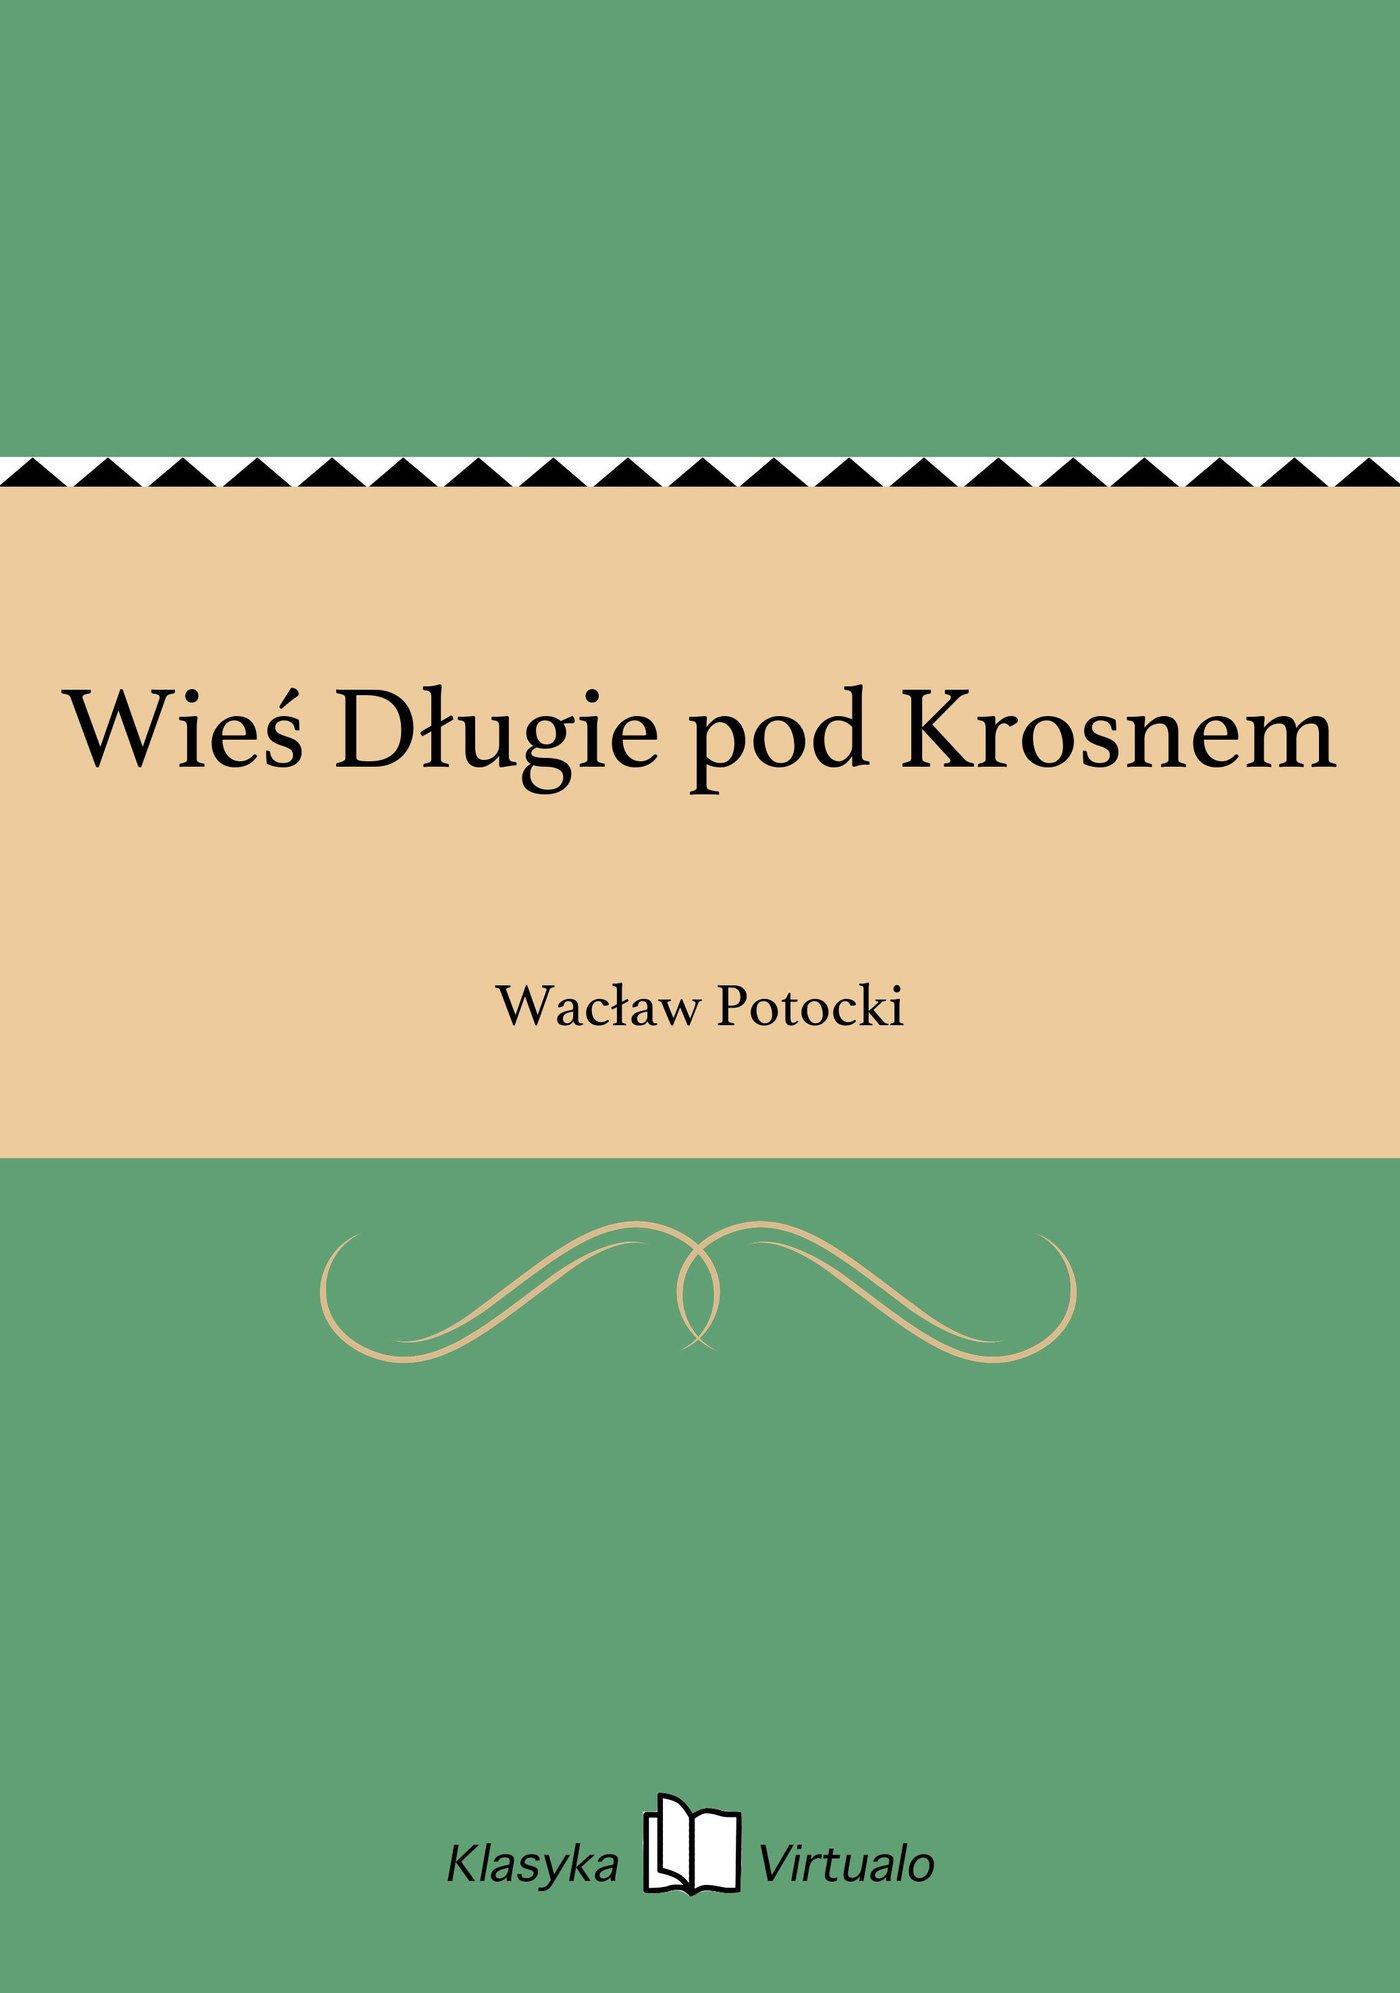 Wieś Długie pod Krosnem - Ebook (Książka EPUB) do pobrania w formacie EPUB